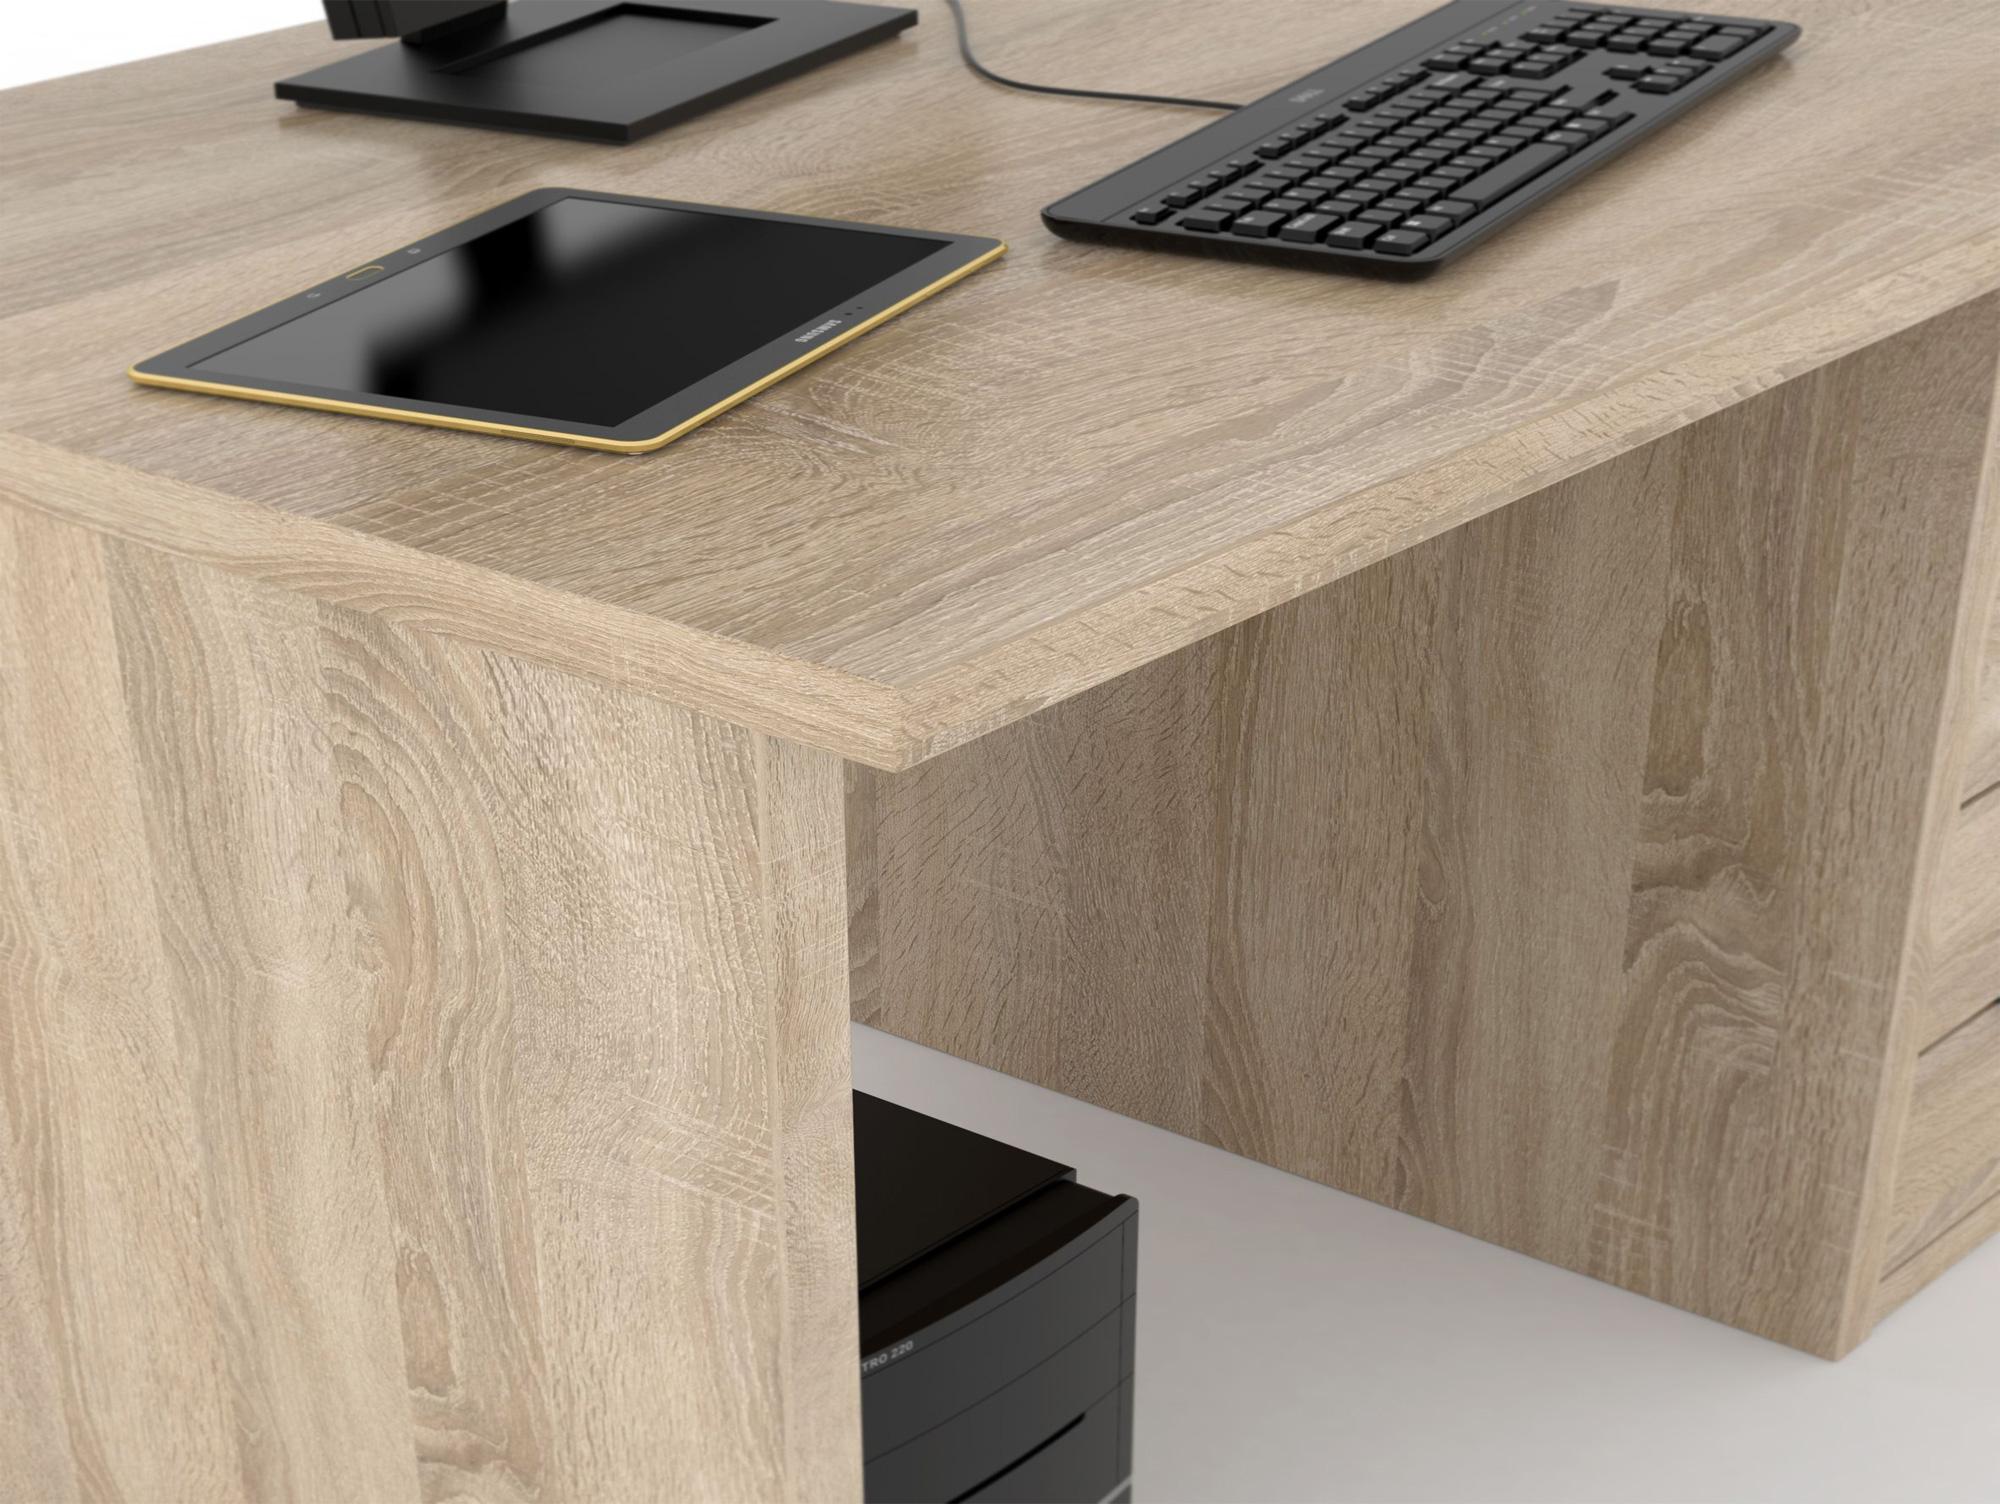 Orca schreibtisch 140 cm schubladen links eiche sonoma dekor for Schreibtisch 140